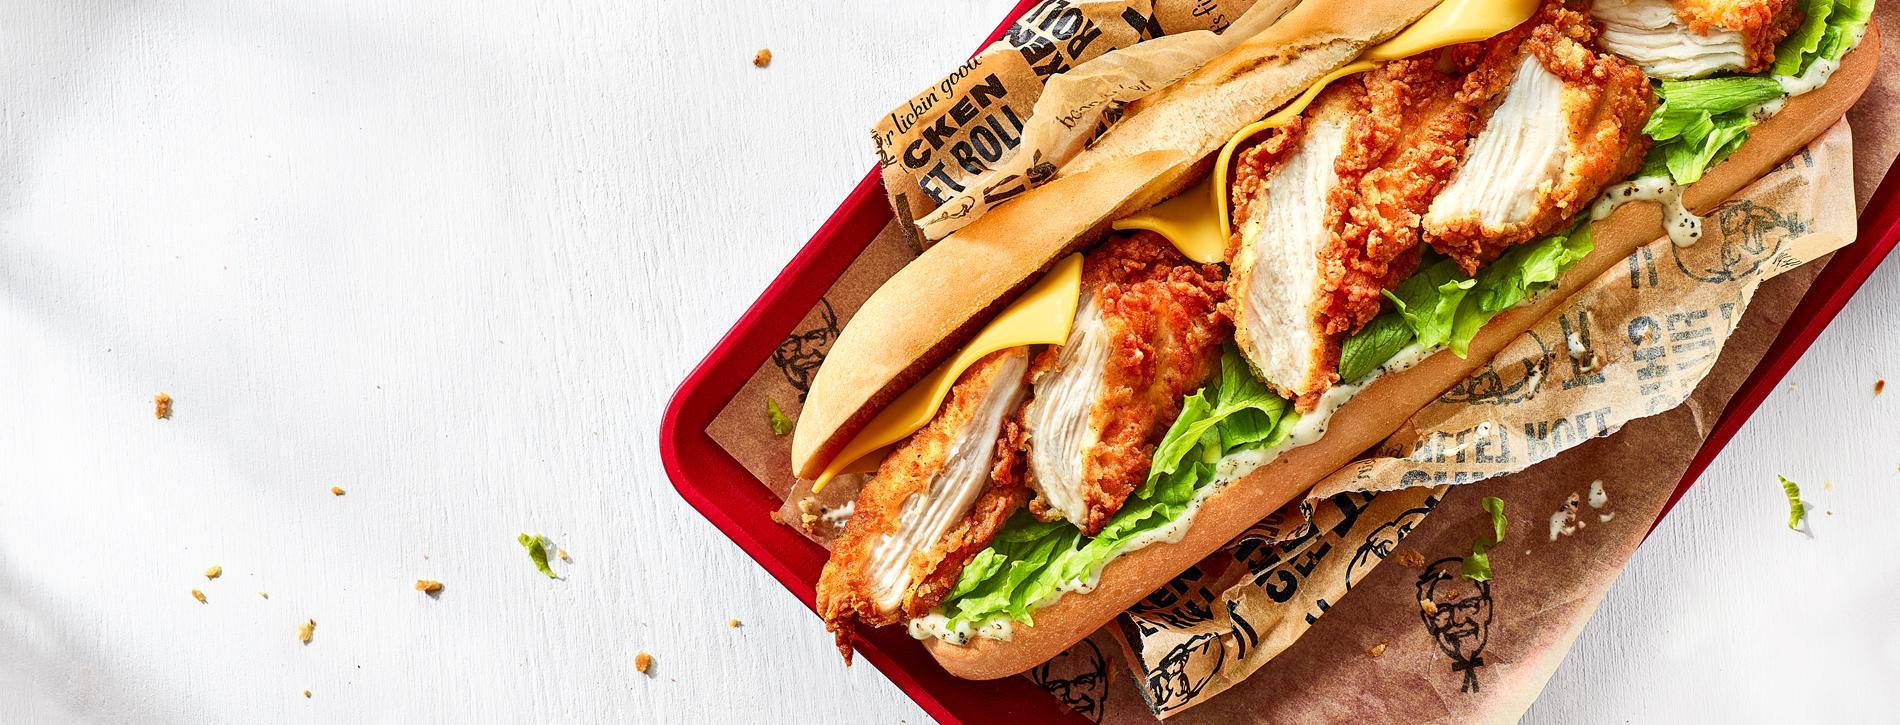 KFC CHICKEN FILLET ROLL